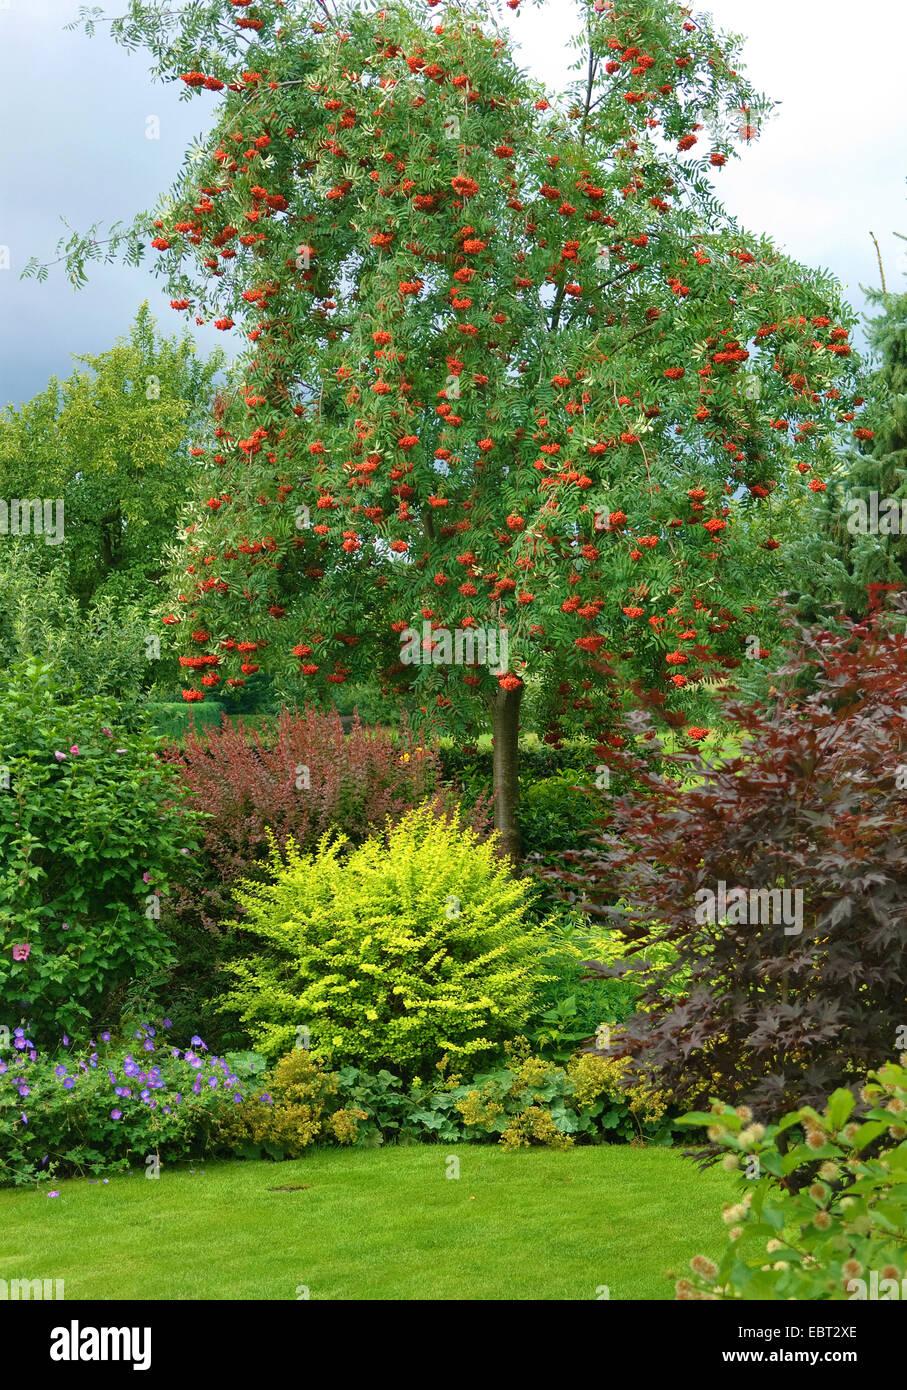 Europäische Vogelbeerbaum, Eberesche (Sorbus Aucuparia 'Rosina', Sorbus Aucuparia Rosina), Sorte Rosina Stockbild